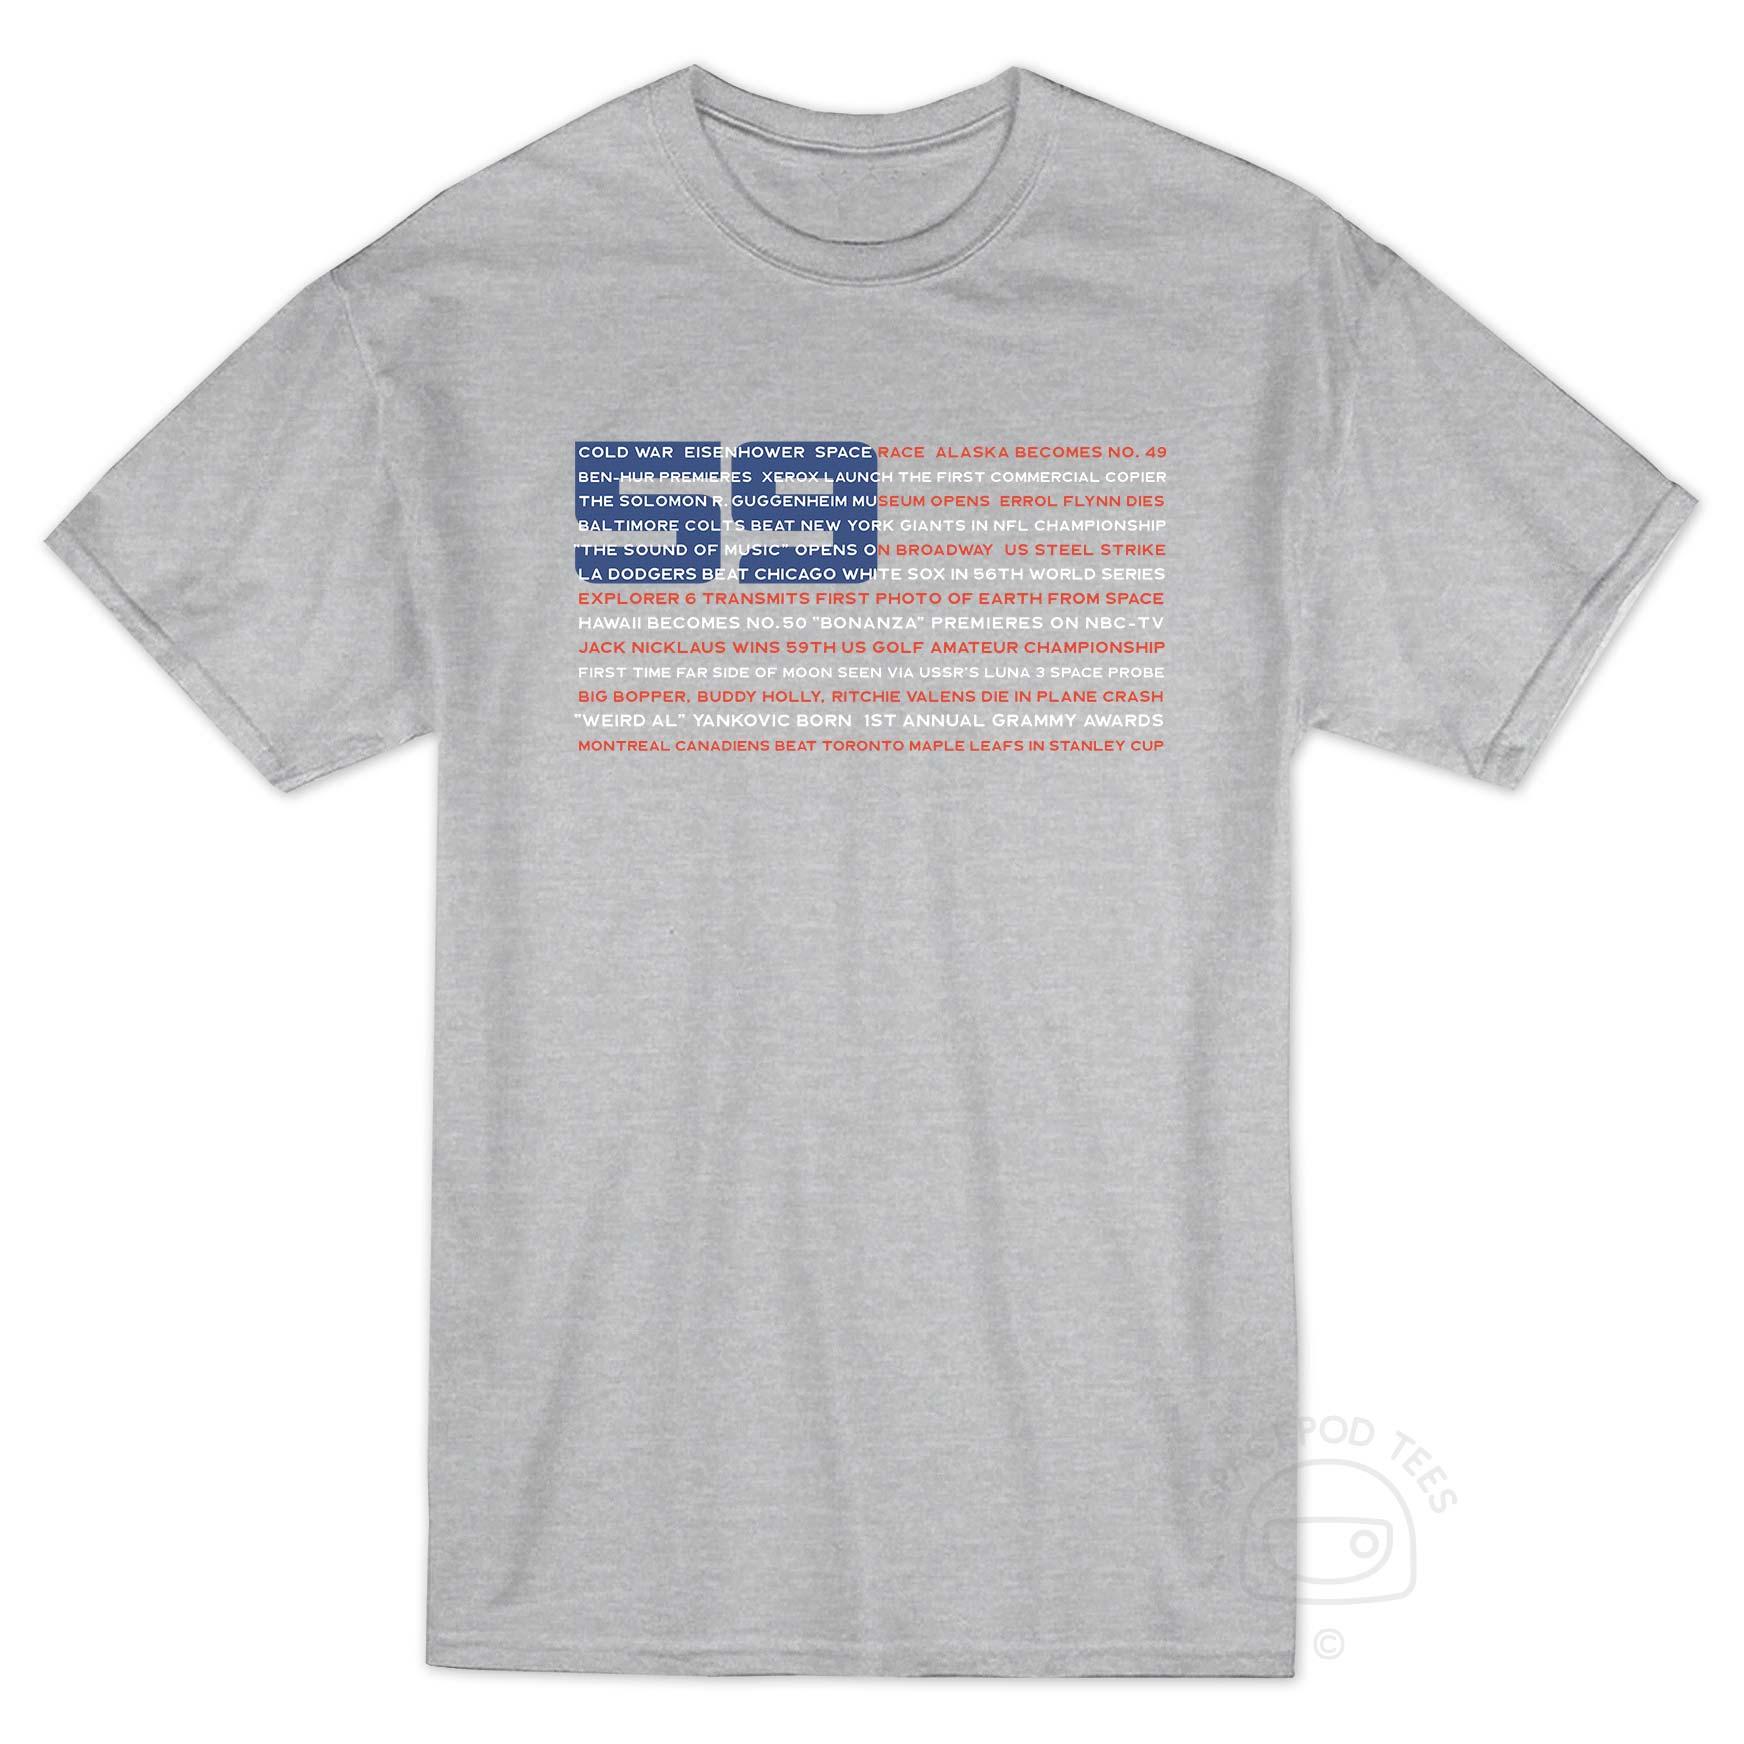 59-milestone-events-flag-tshirt